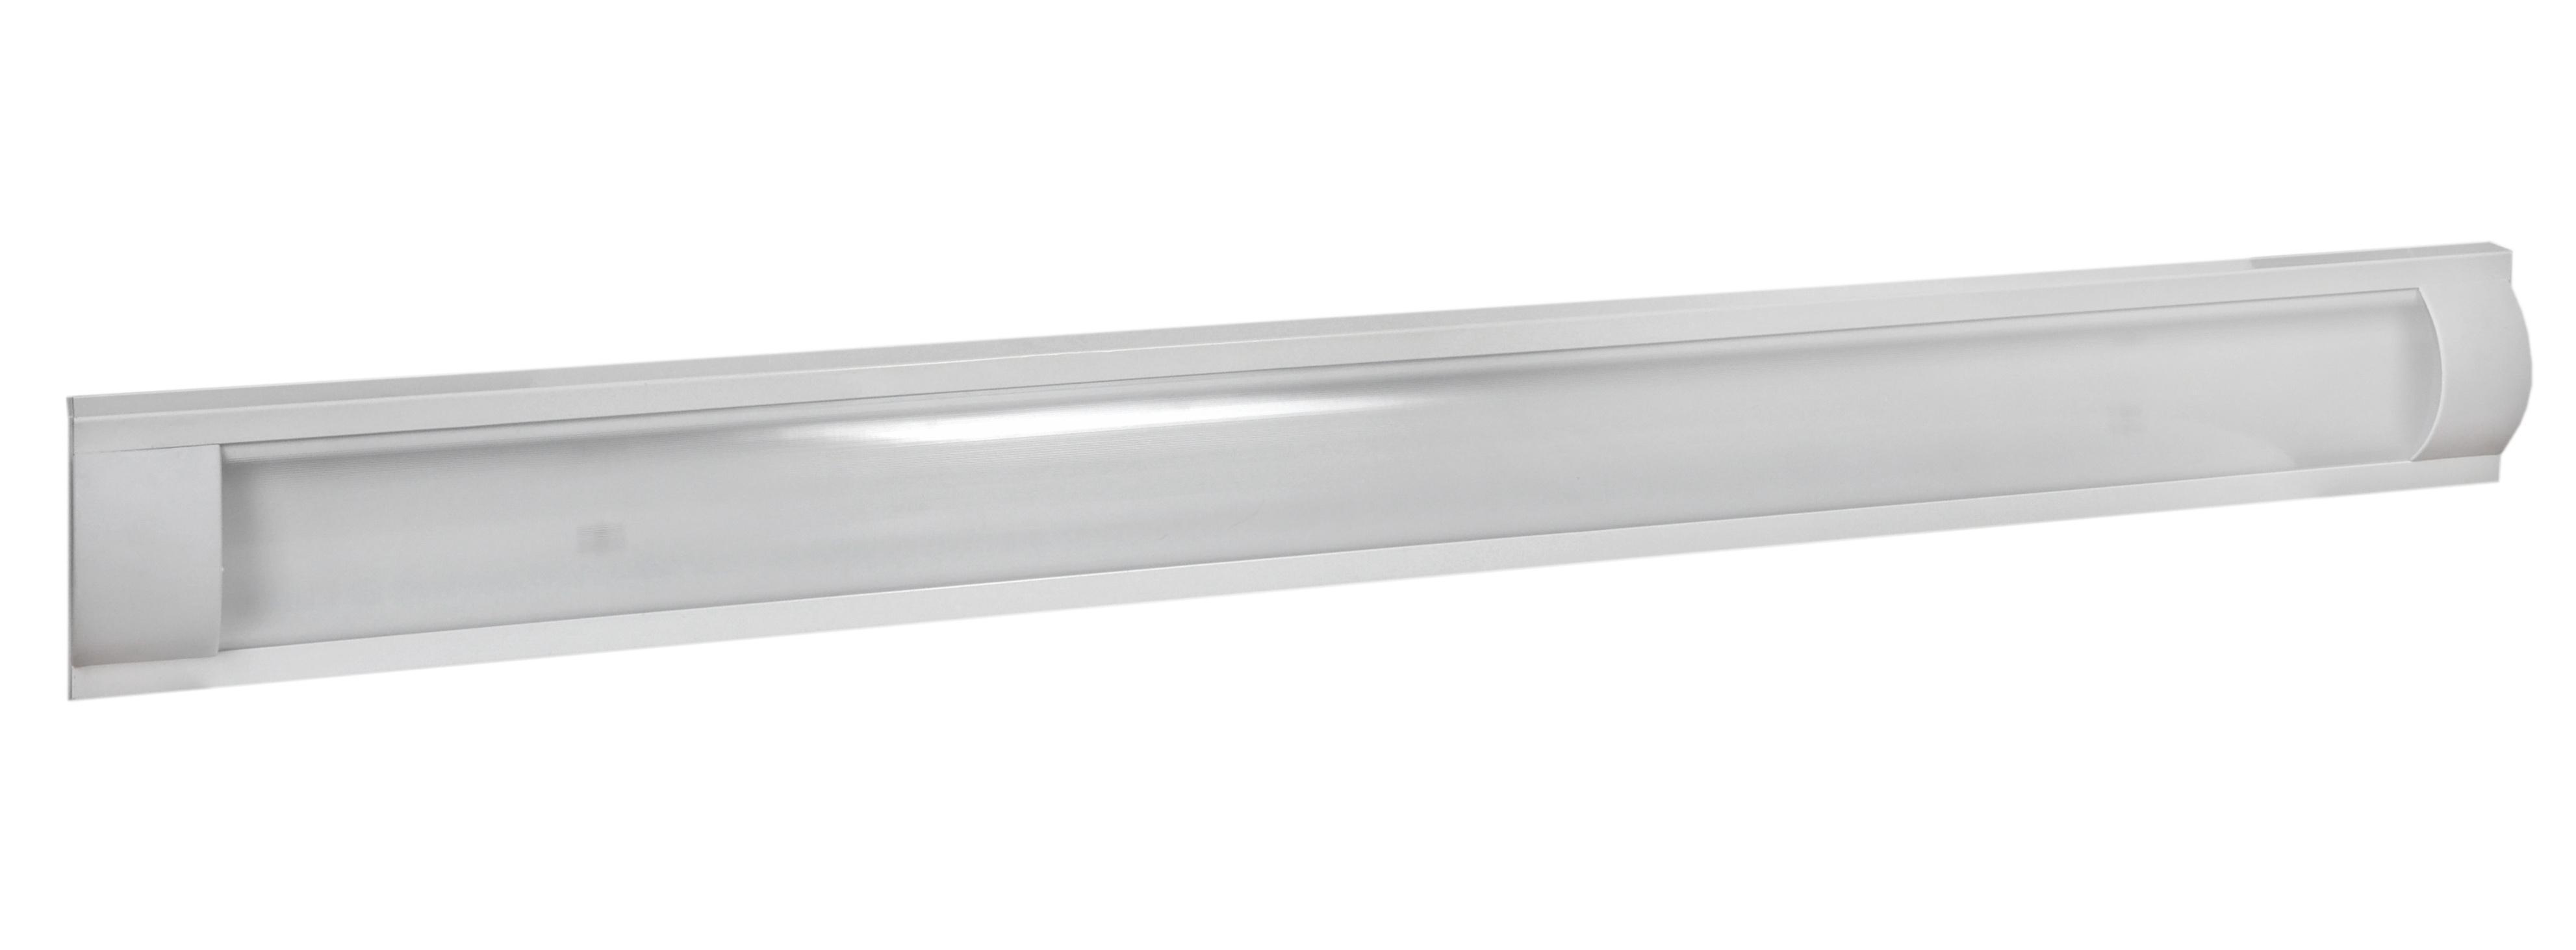 Светильник De fran Tl-3017 люминесцентный накладной т8 2*36Вт эпра без ламп белый светильник люминесцентный с эпра ксенон лпо 01 2х36 012 0011236113 144046